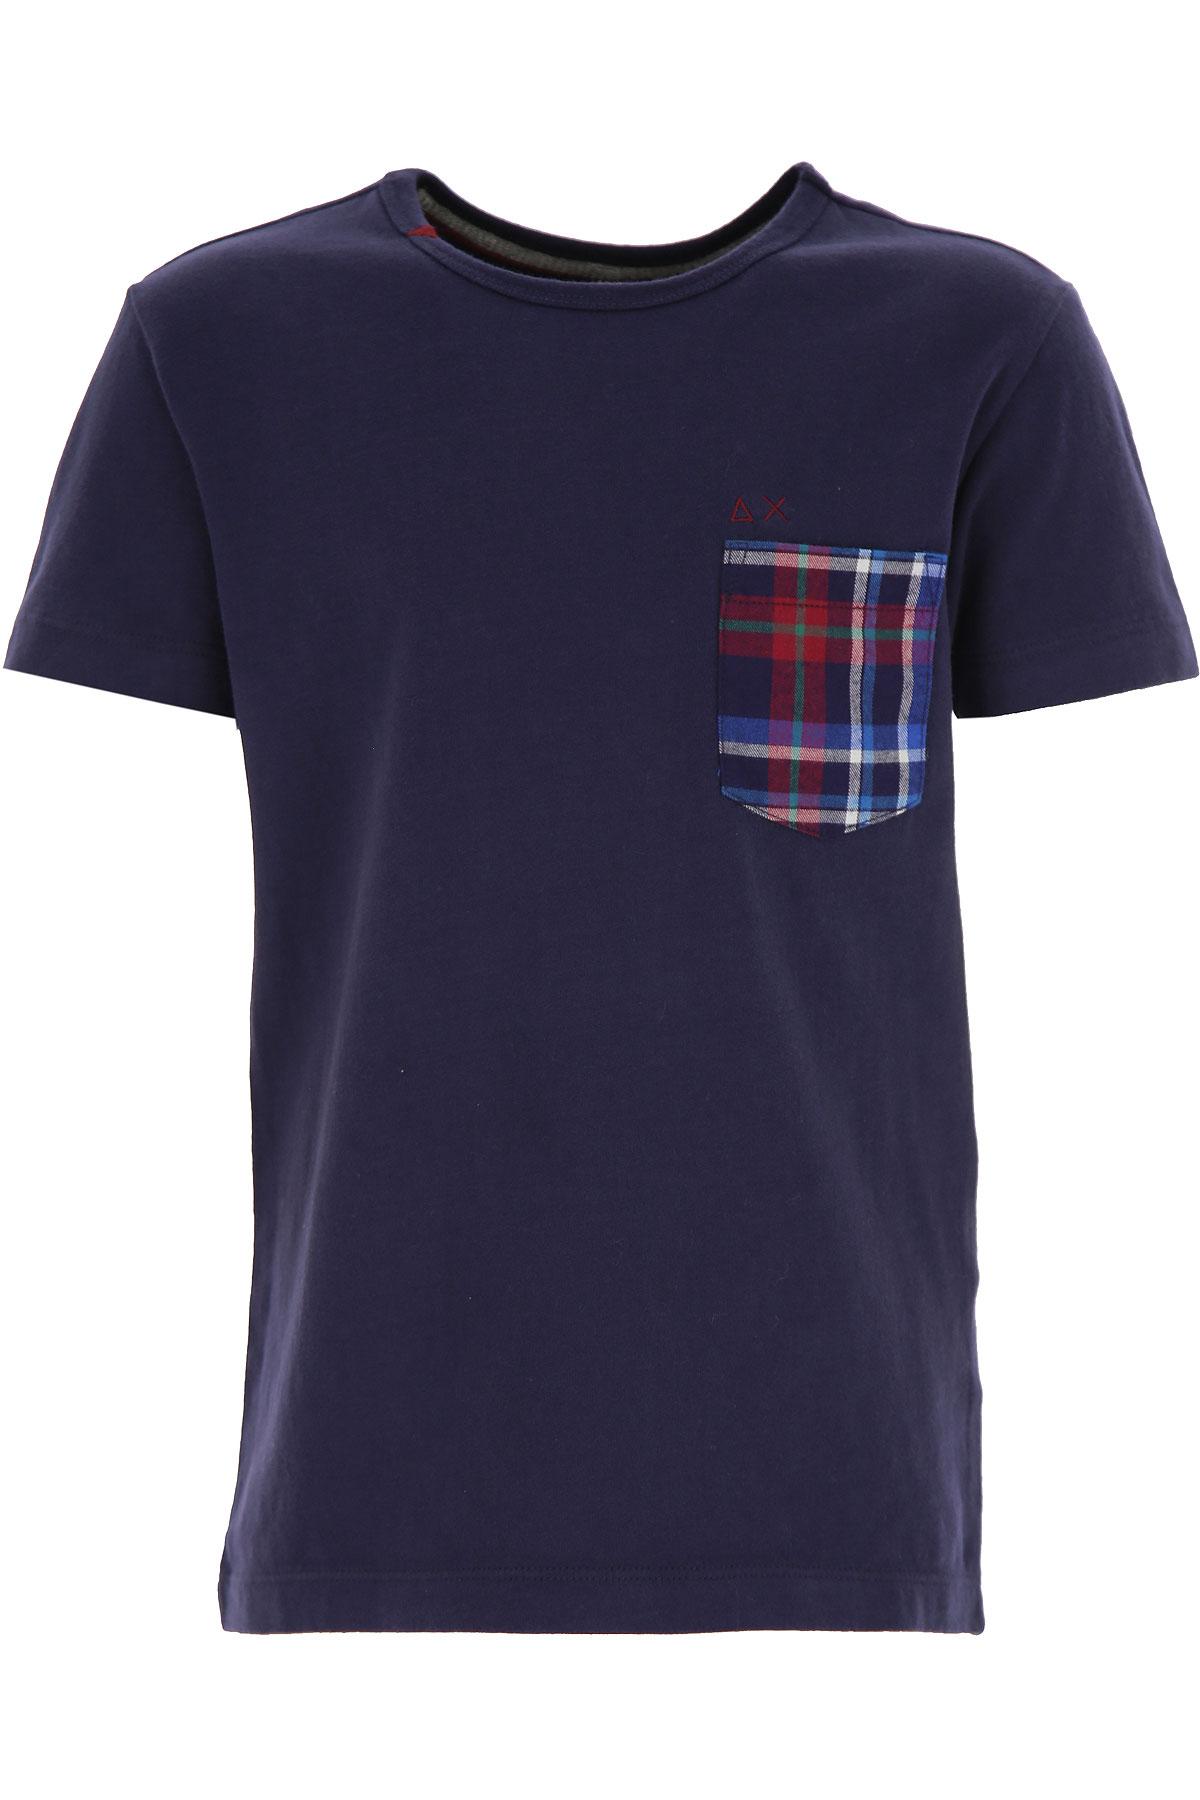 Sun68 Kids T-Shirt for Boys On Sale, Blue, Cotton, 2019, 12Y 6Y 8Y